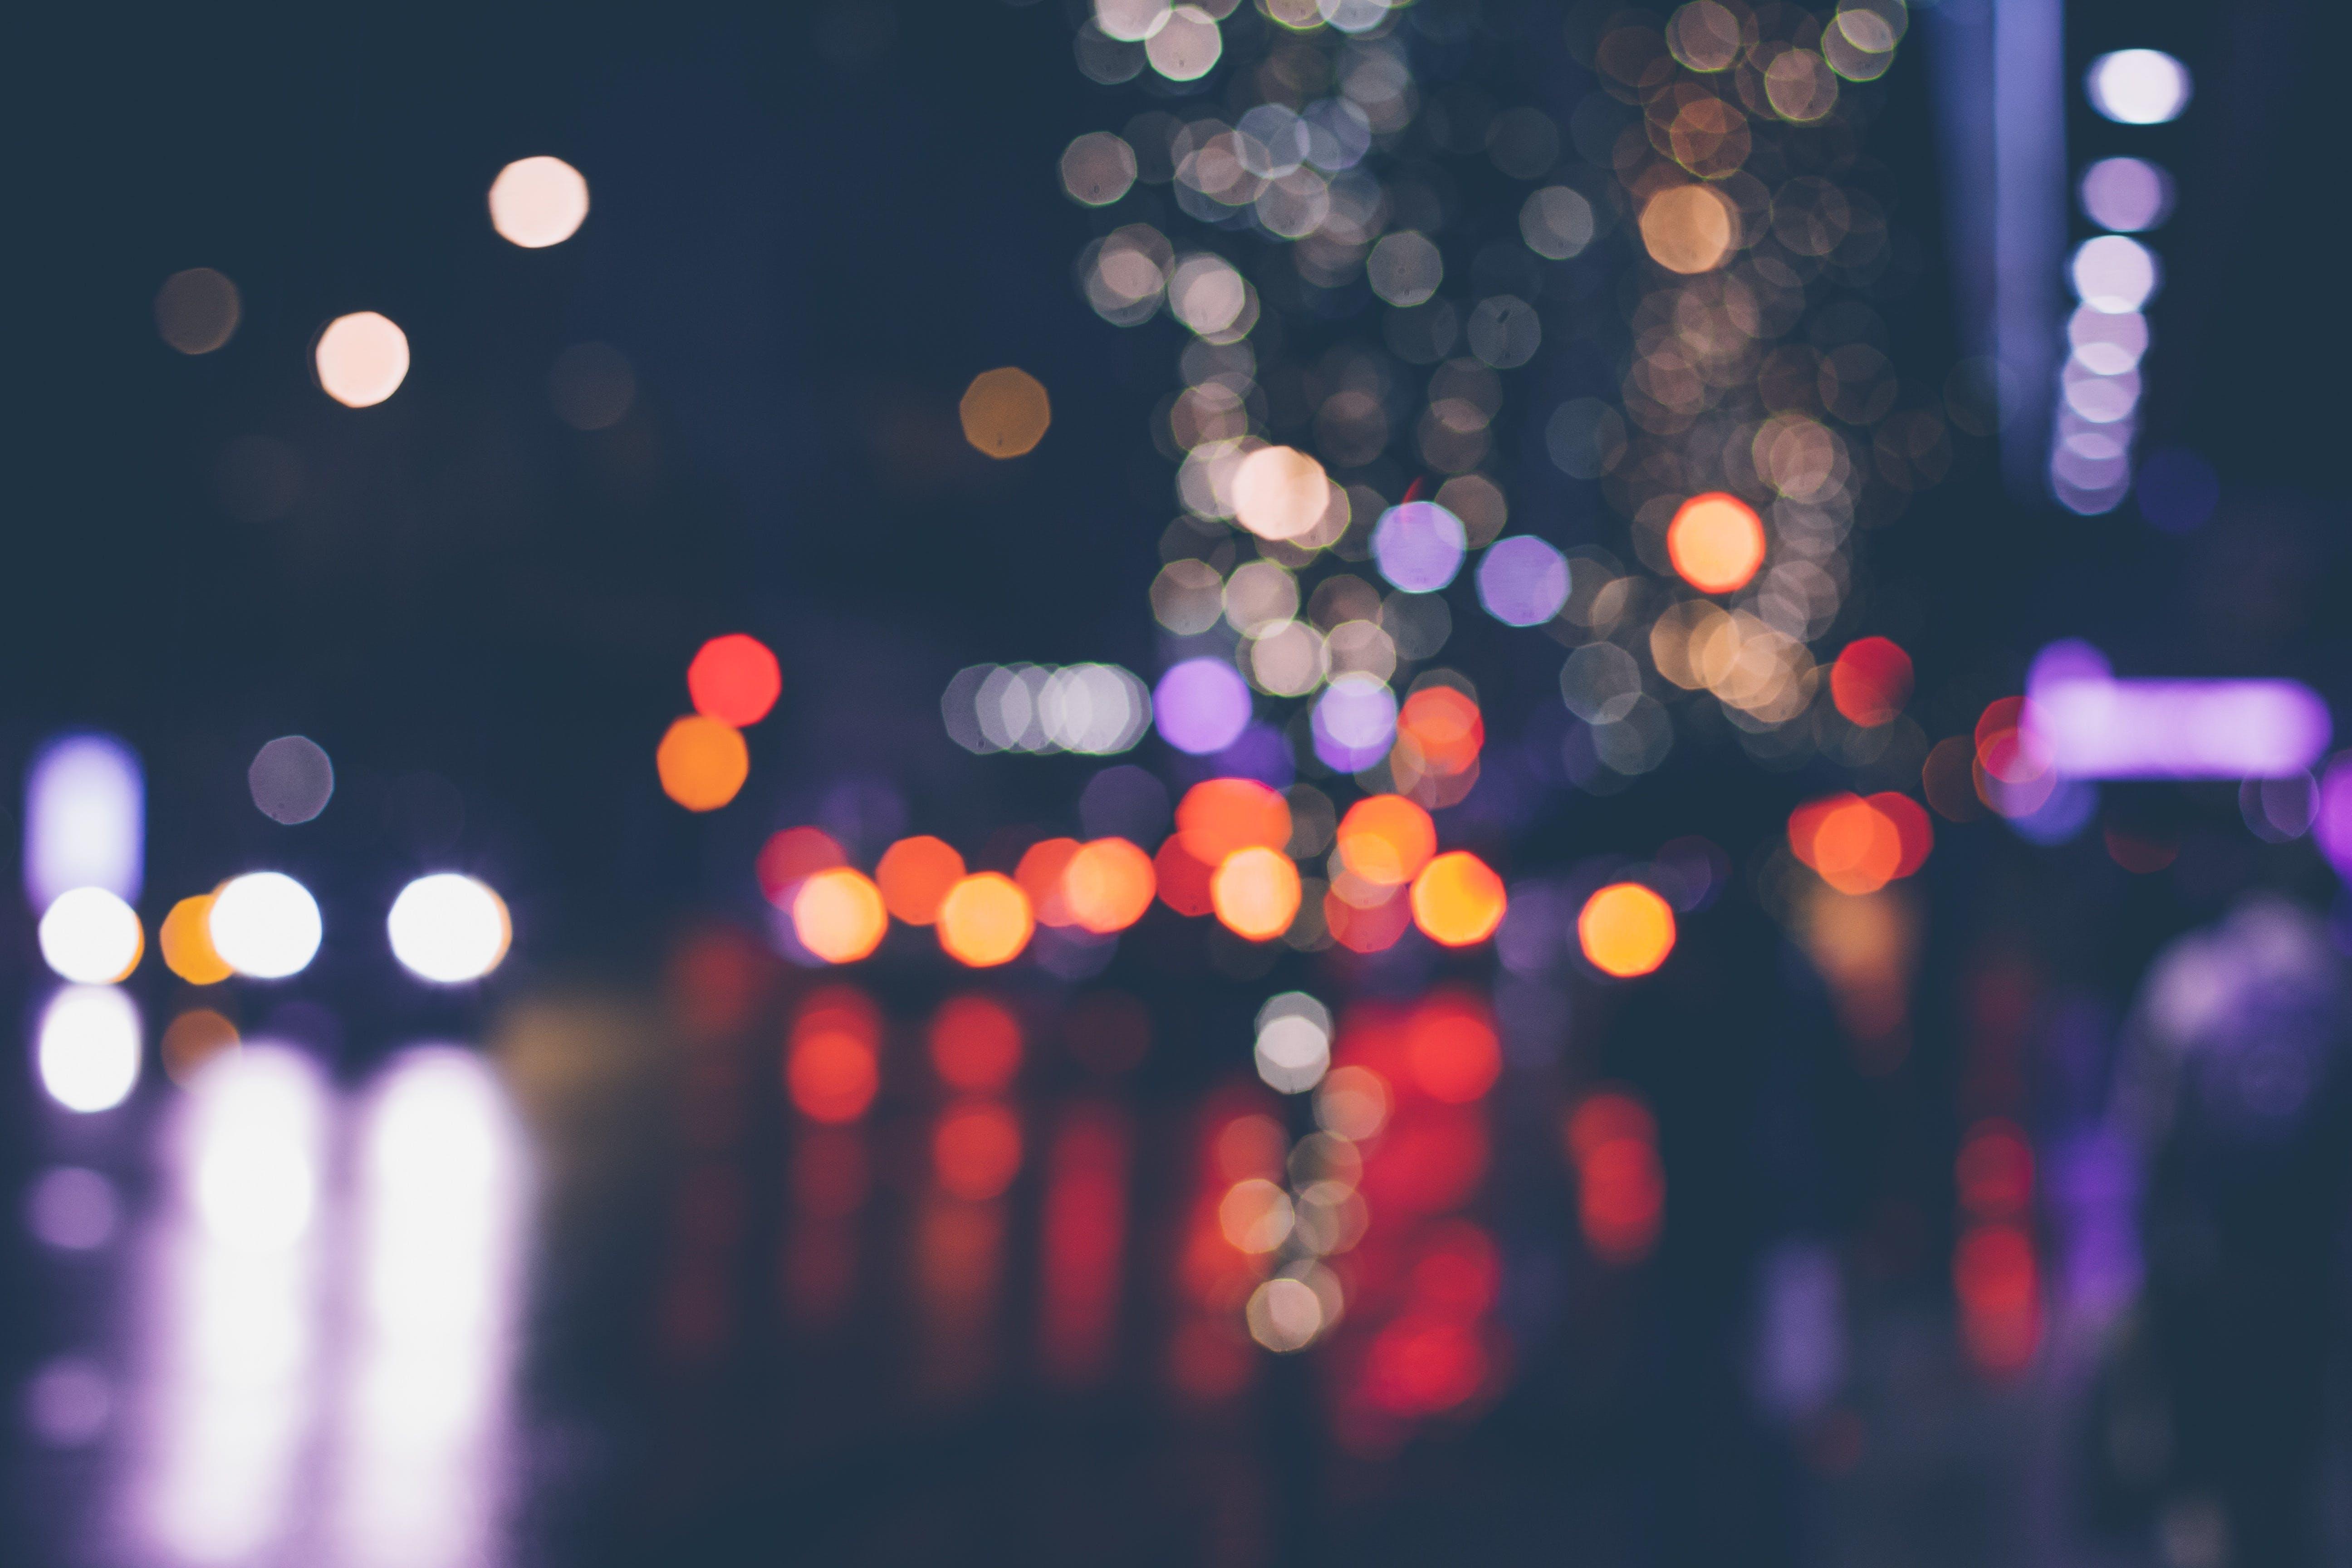 Free stock photo of light, city, night, pattern